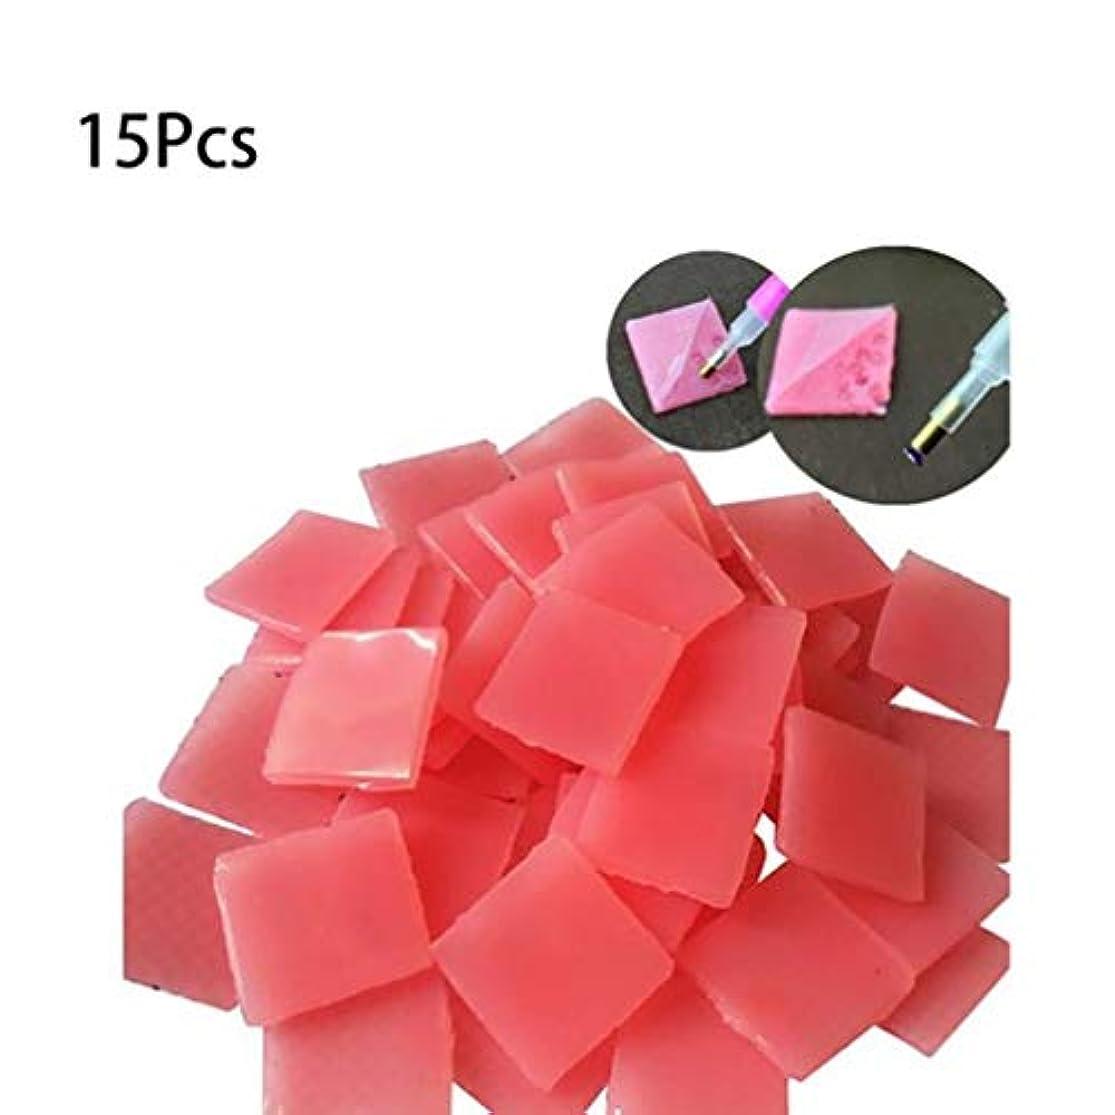 黒人芸術的芝生Onior 5dダイヤモンドポイントペン、15個貼り付けDIYステッカー点描ダイヤモンドポイントペン掘削泥ネイルアートダイヤモンド刺繍ツール耐久性と実用的